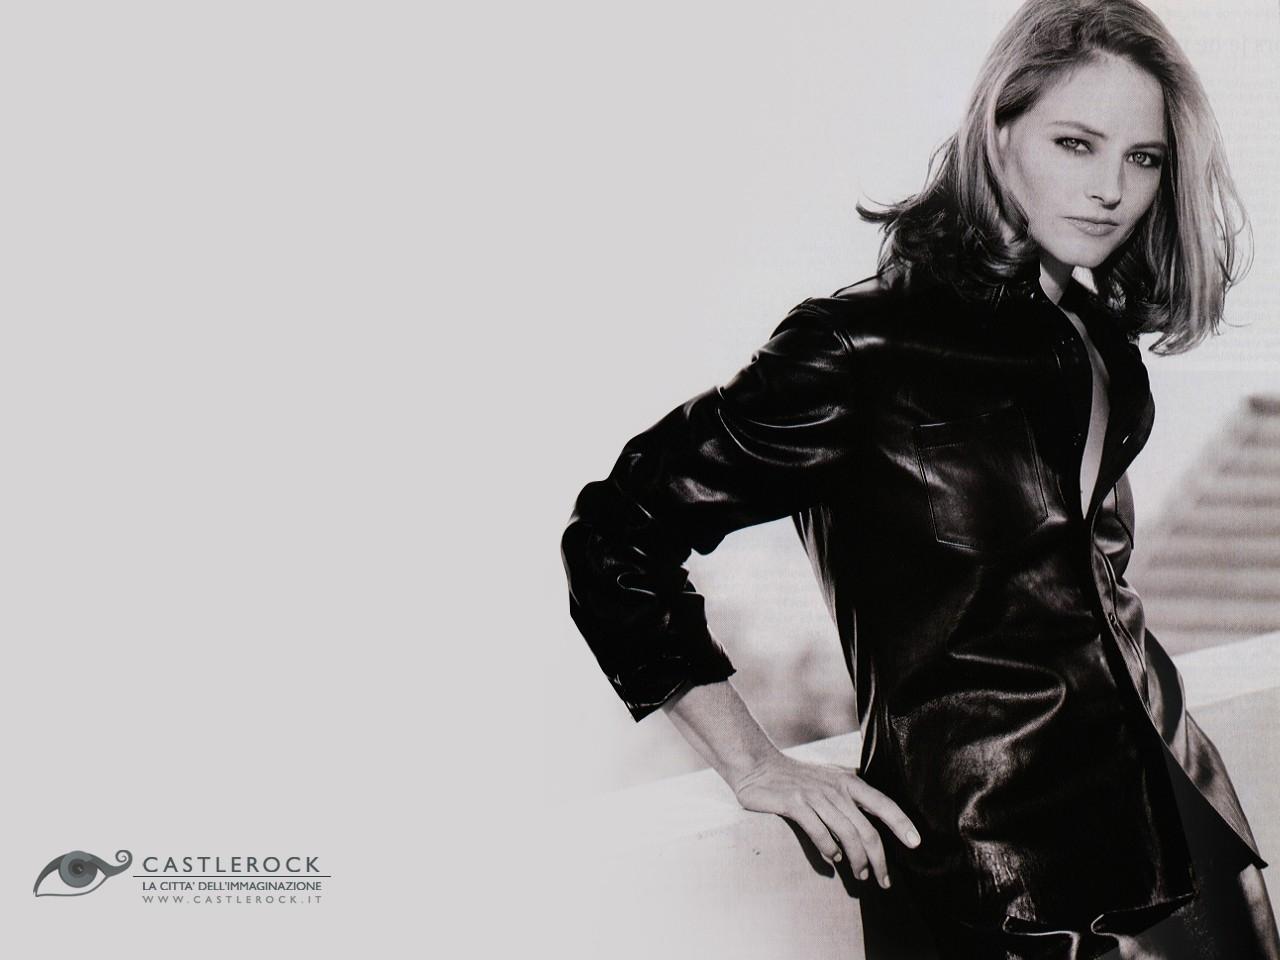 Wallpaper di Jodie Foster in bianco e nero